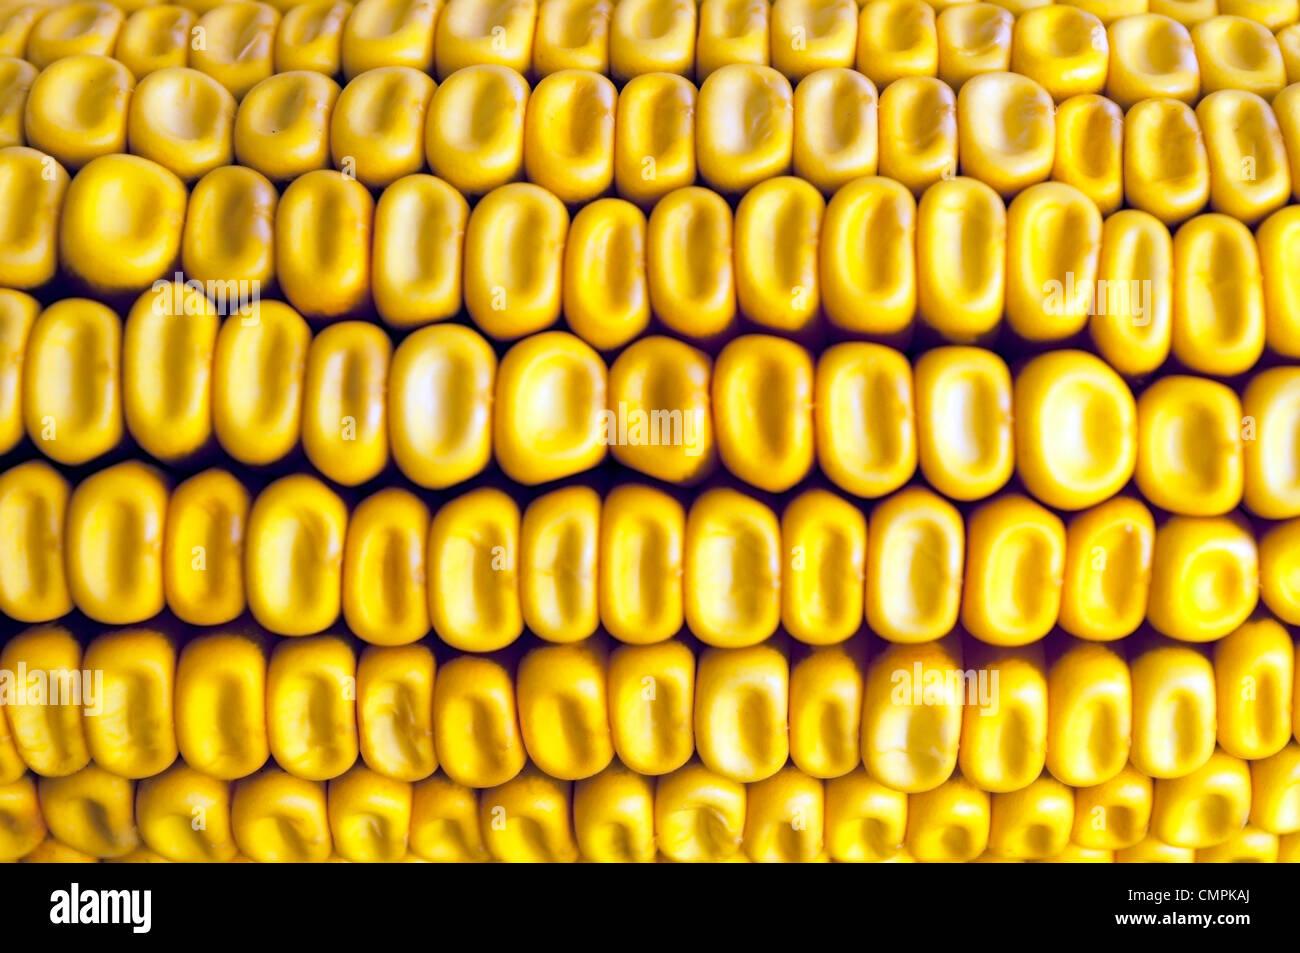 Un plan macro texture maïs Photo Stock